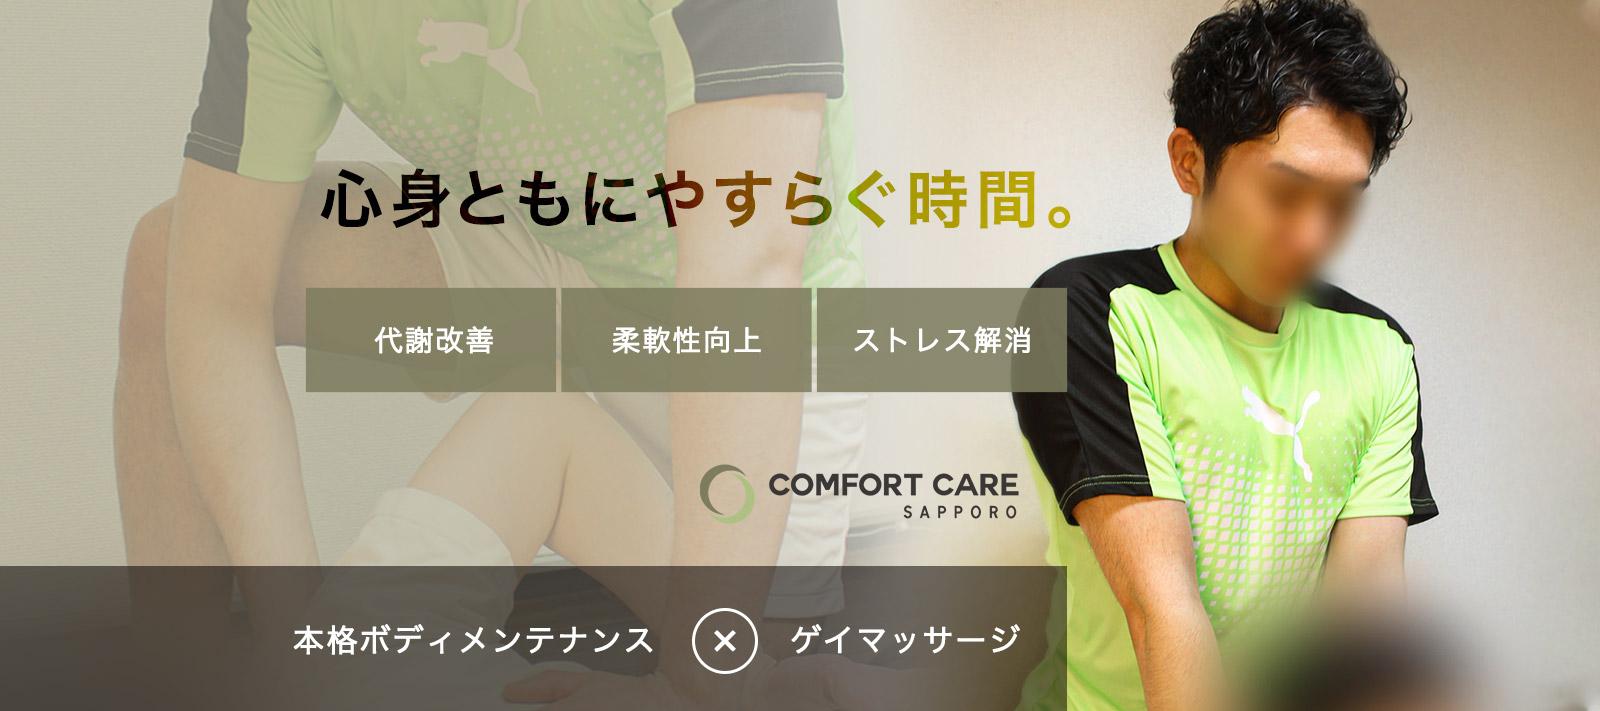 東京ゲイマッサージ専門店COMFORTCAREはこちら